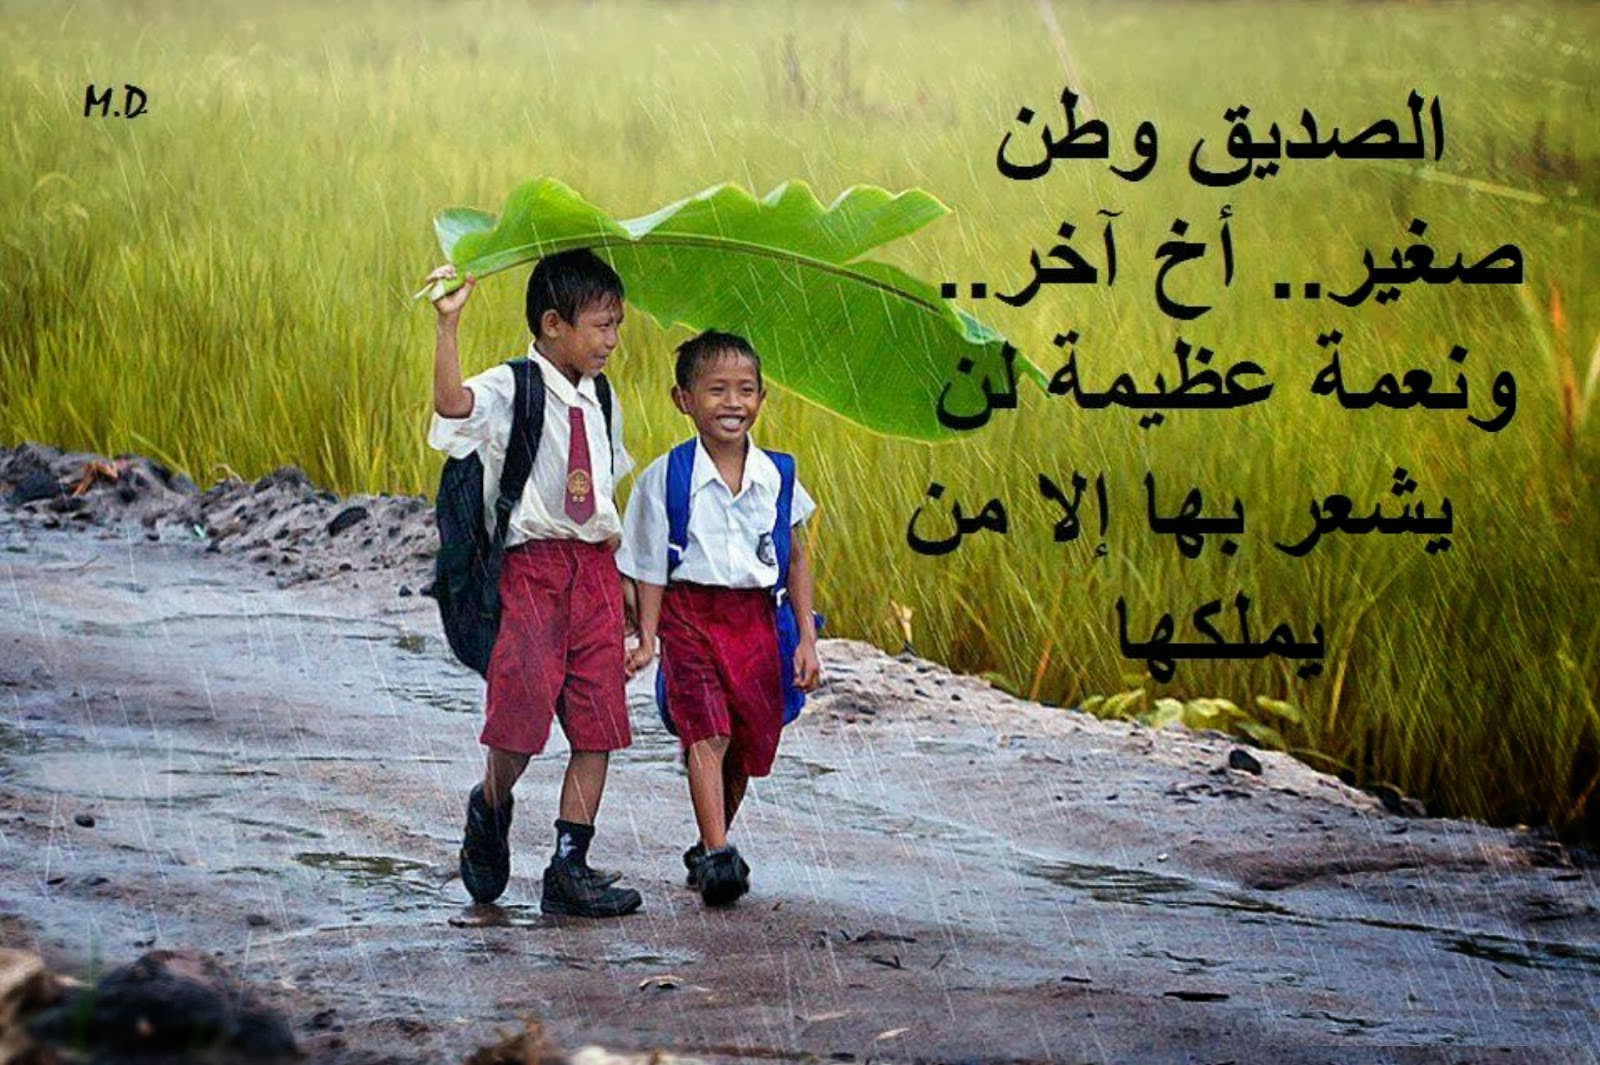 صورة كلام عن الصديق , عبارات تصف الصديق